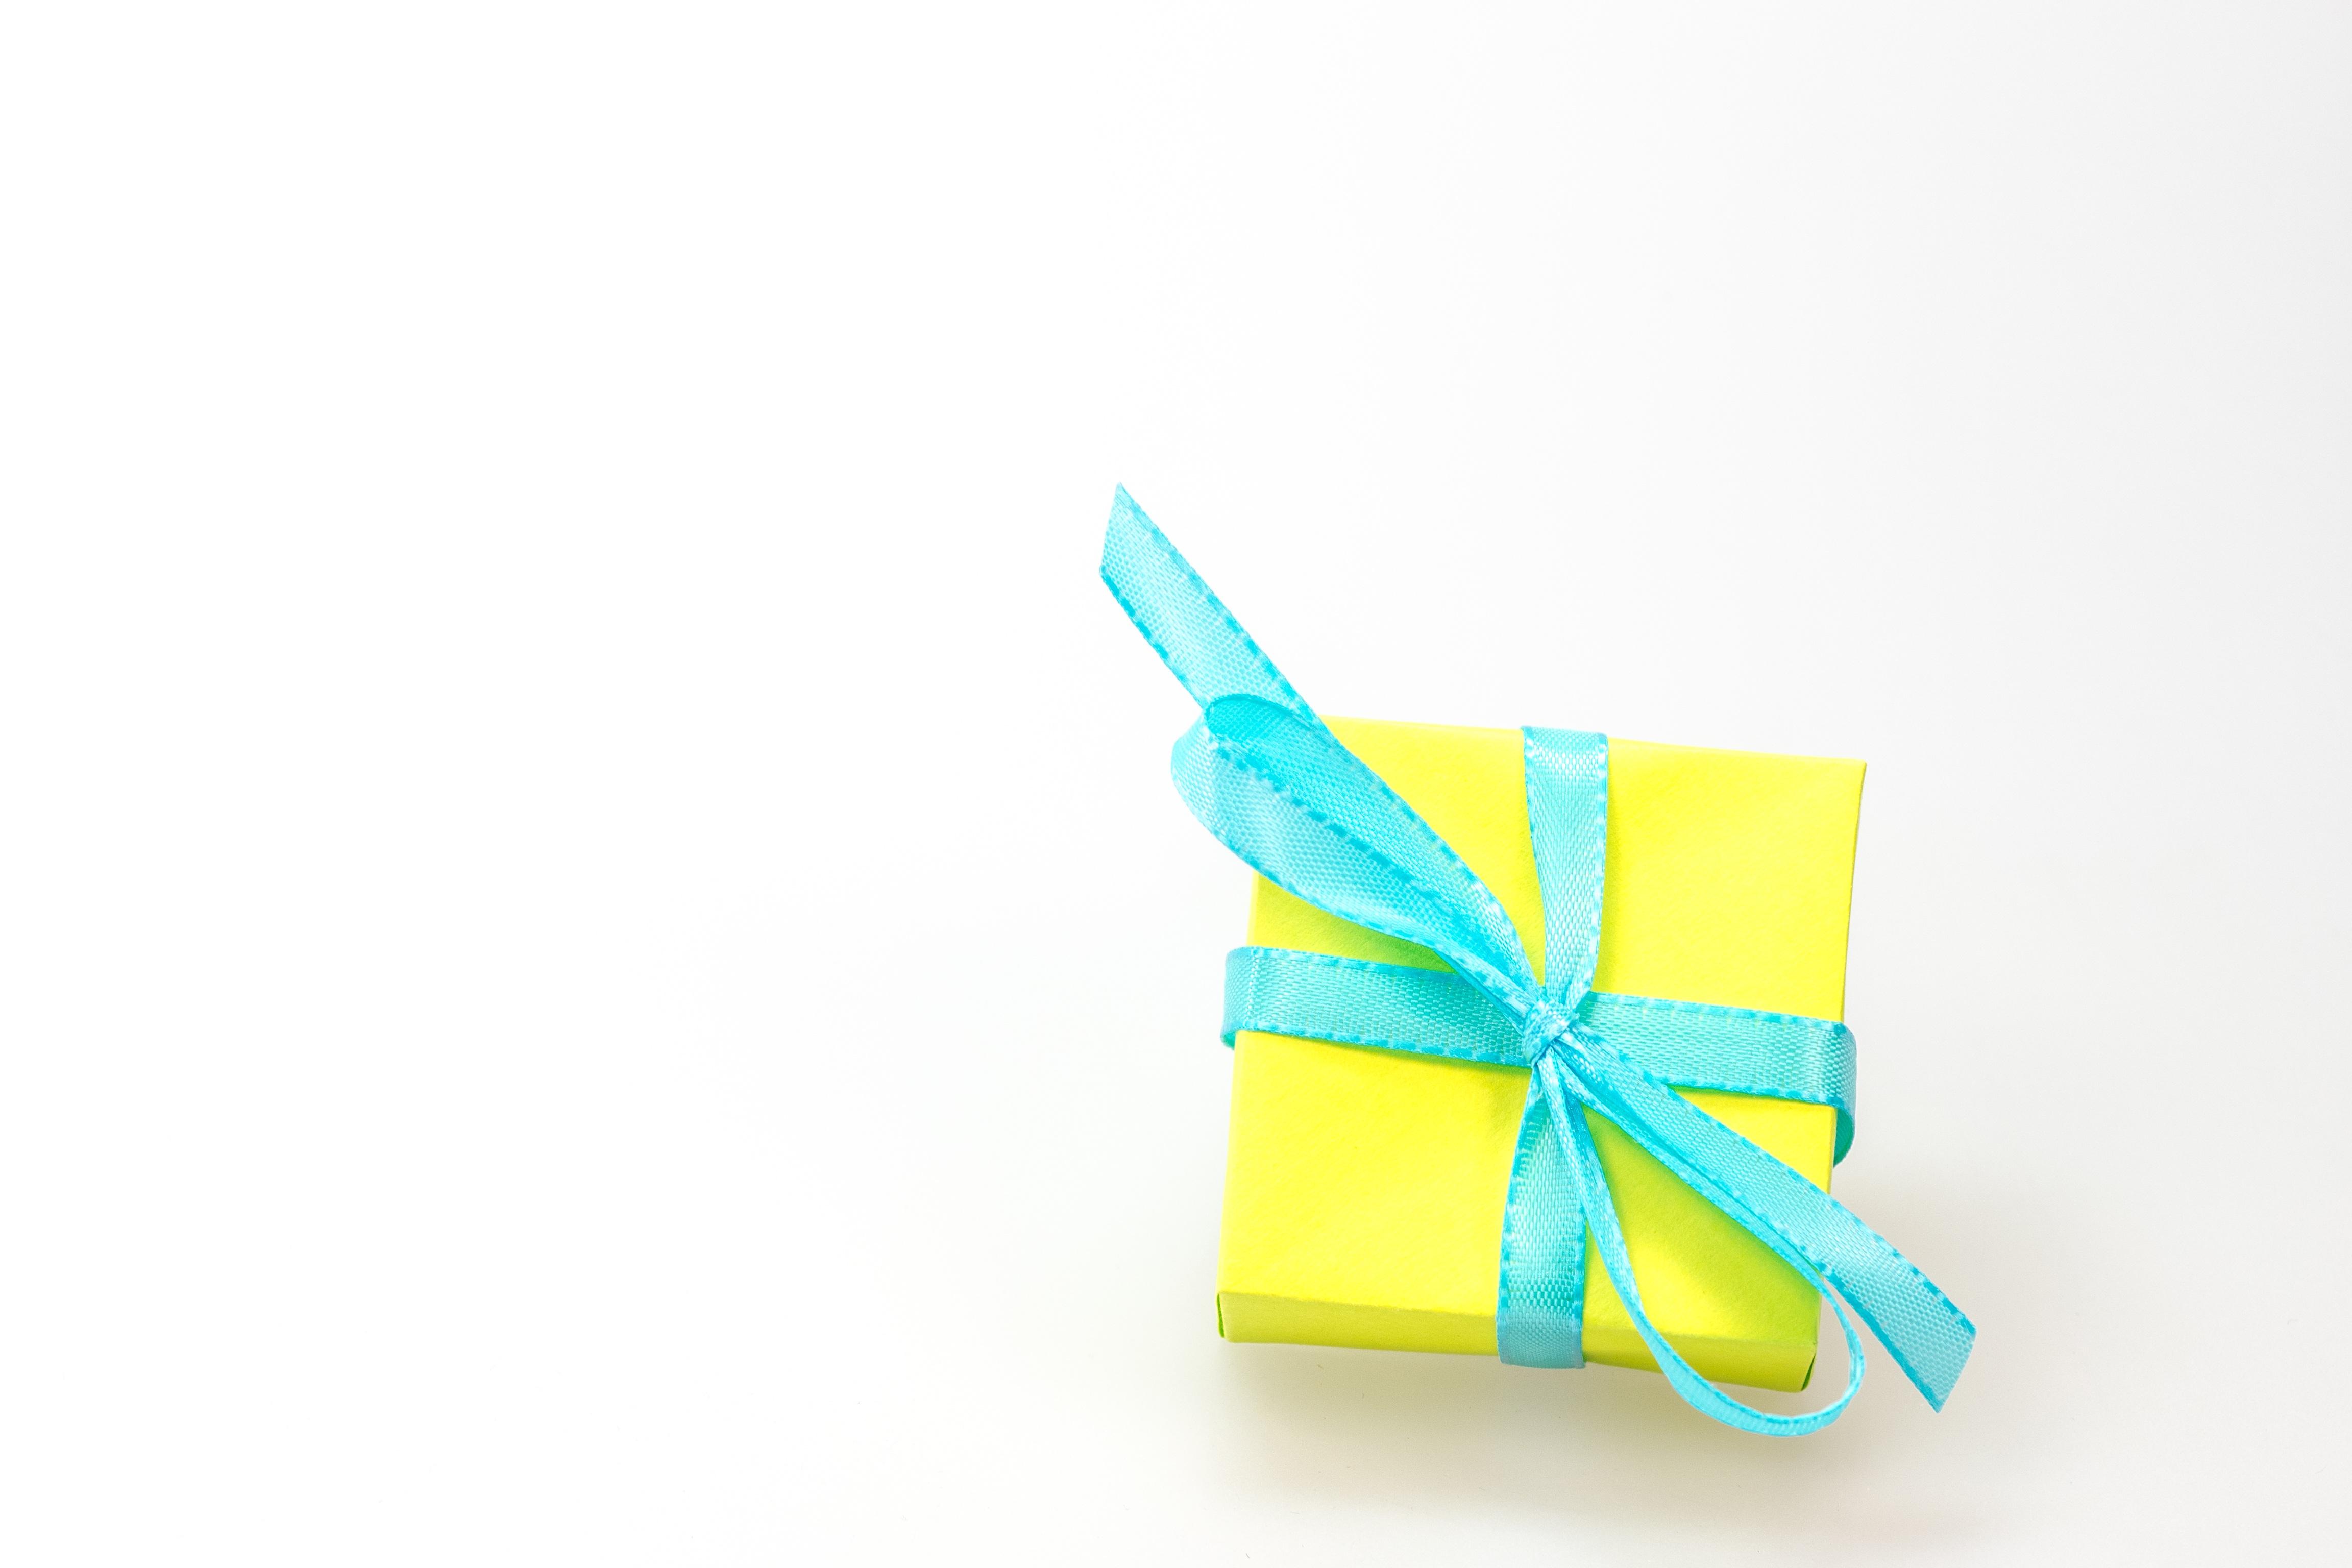 embalaje cumpleaos lazo hecho lleno dar saludos sorpresa embalaje de regalo feliz navidad compras de navidad papel de origami x